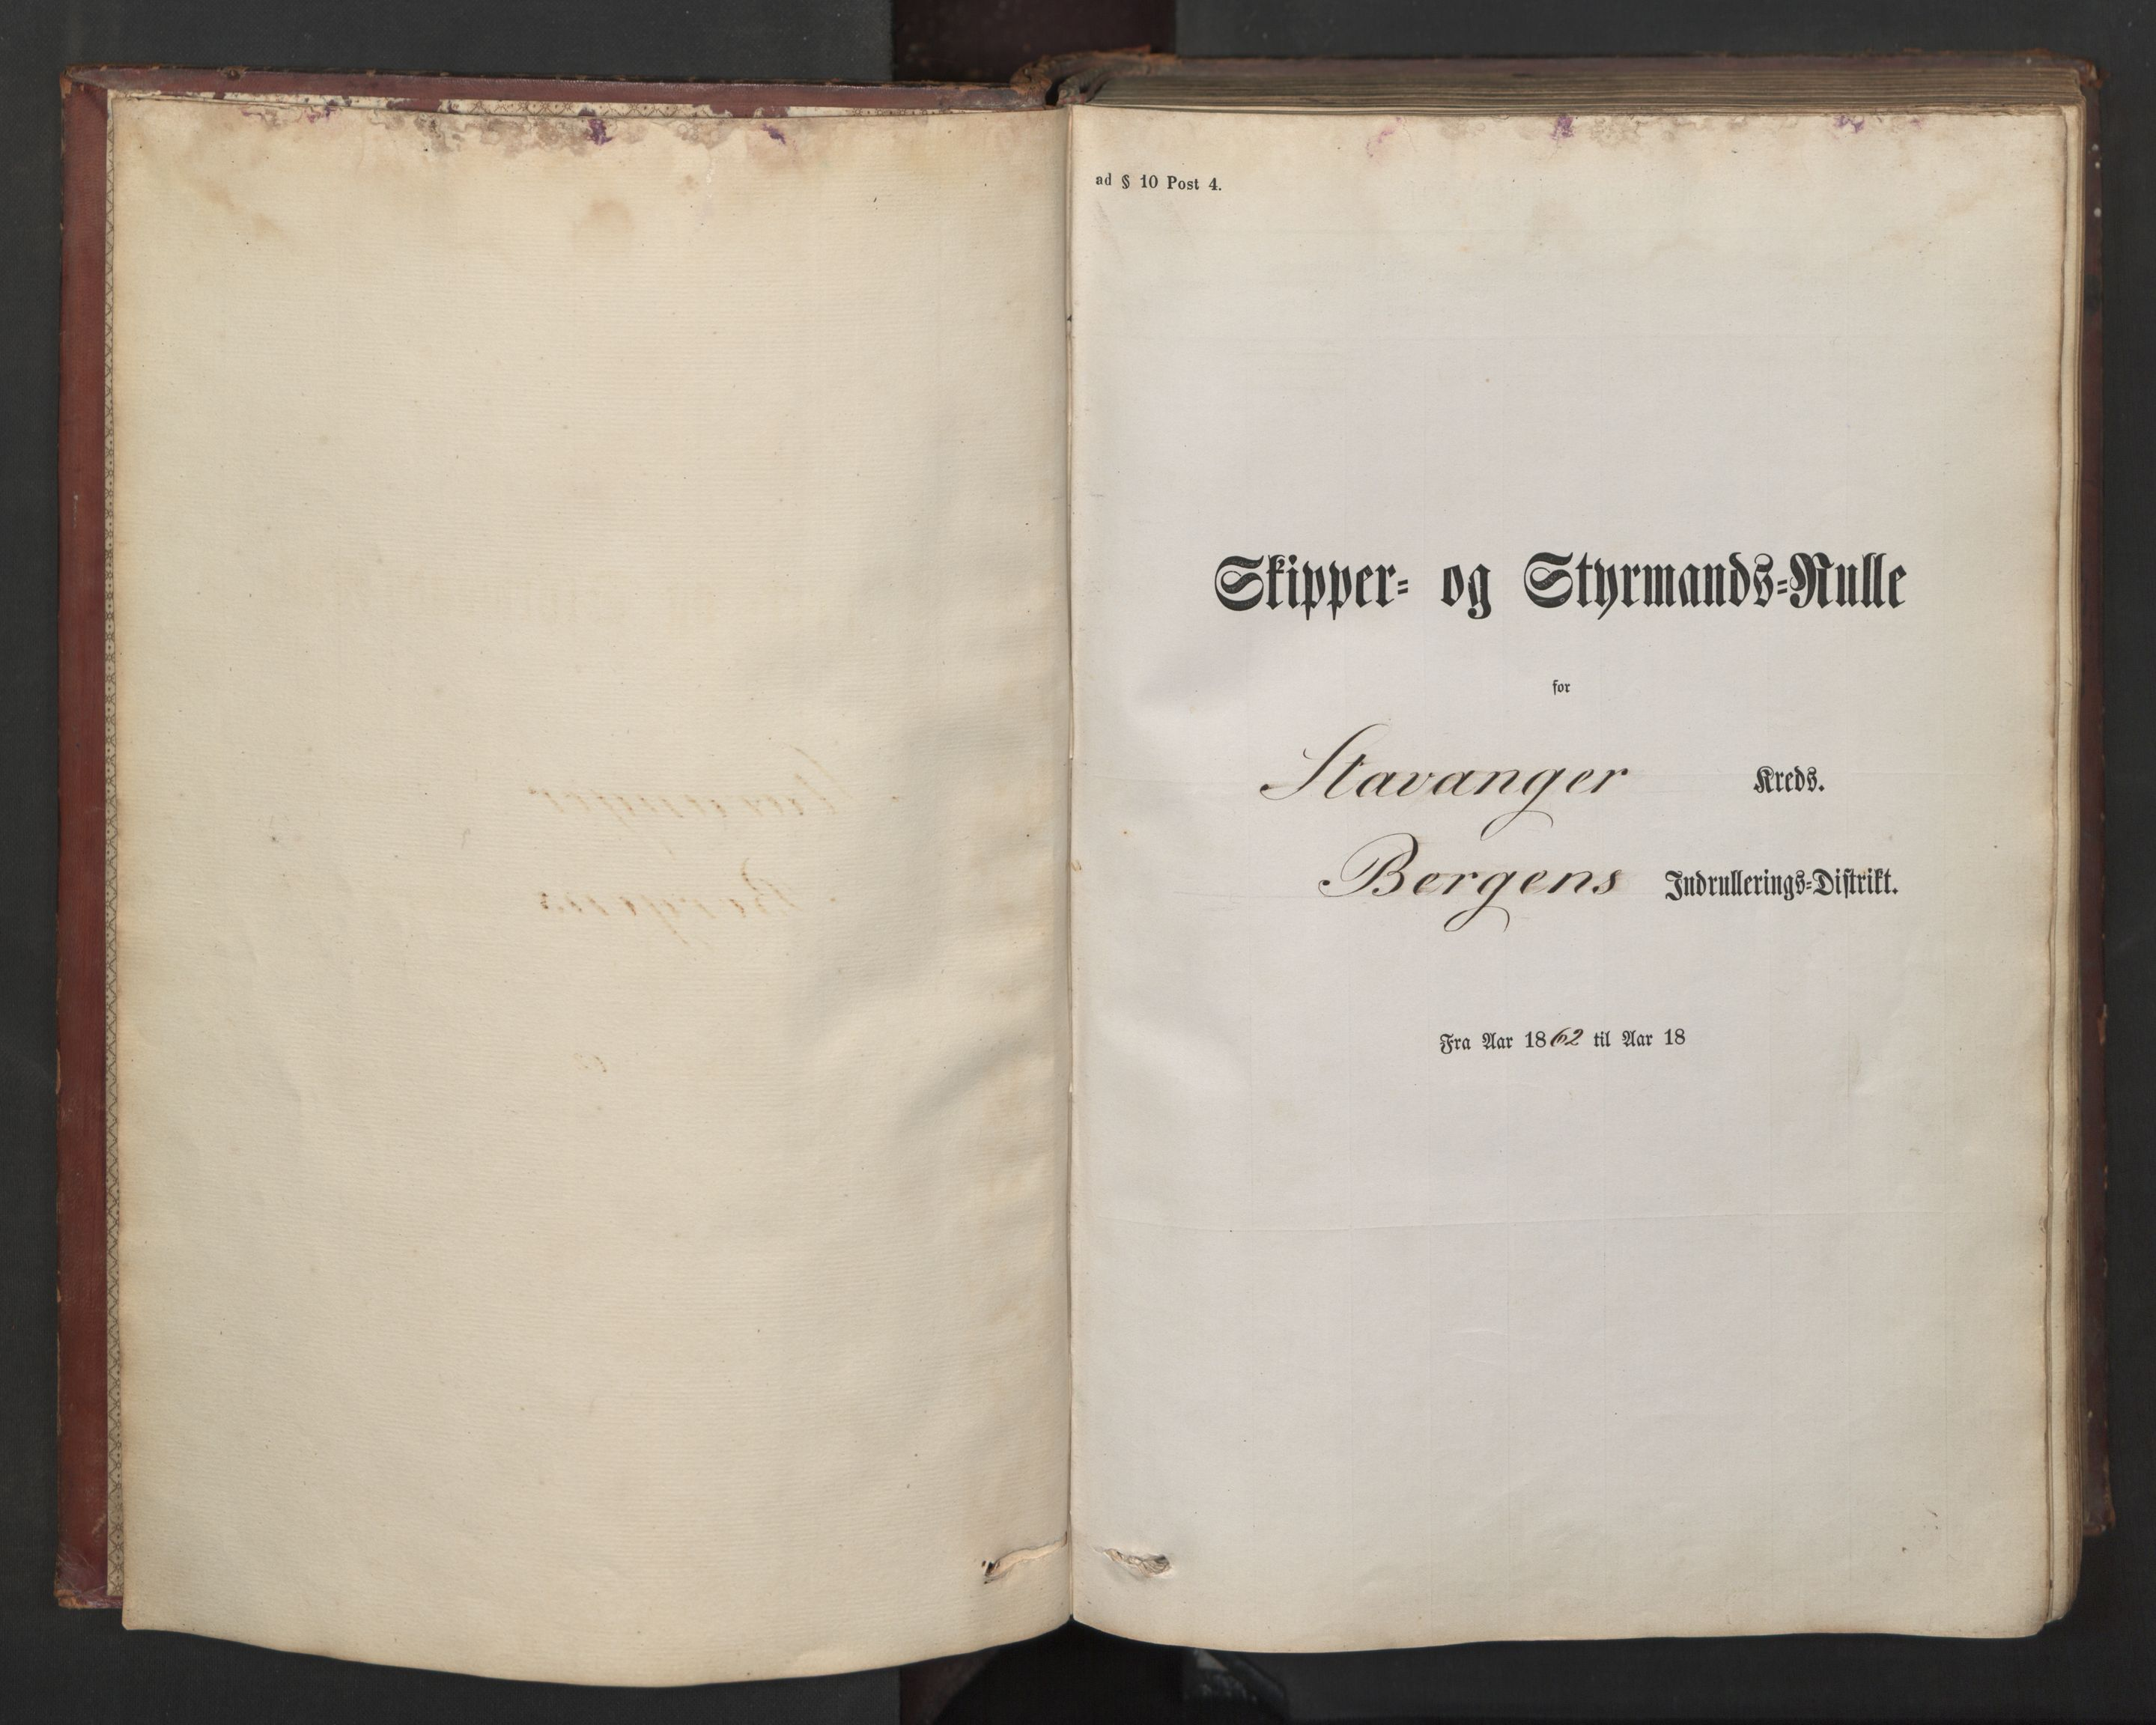 SAST, Stavanger sjømannskontor, F/Fc/L0002: Skipper- og styrmannsrulle, patentnr. 519-850, 1862, s. 4